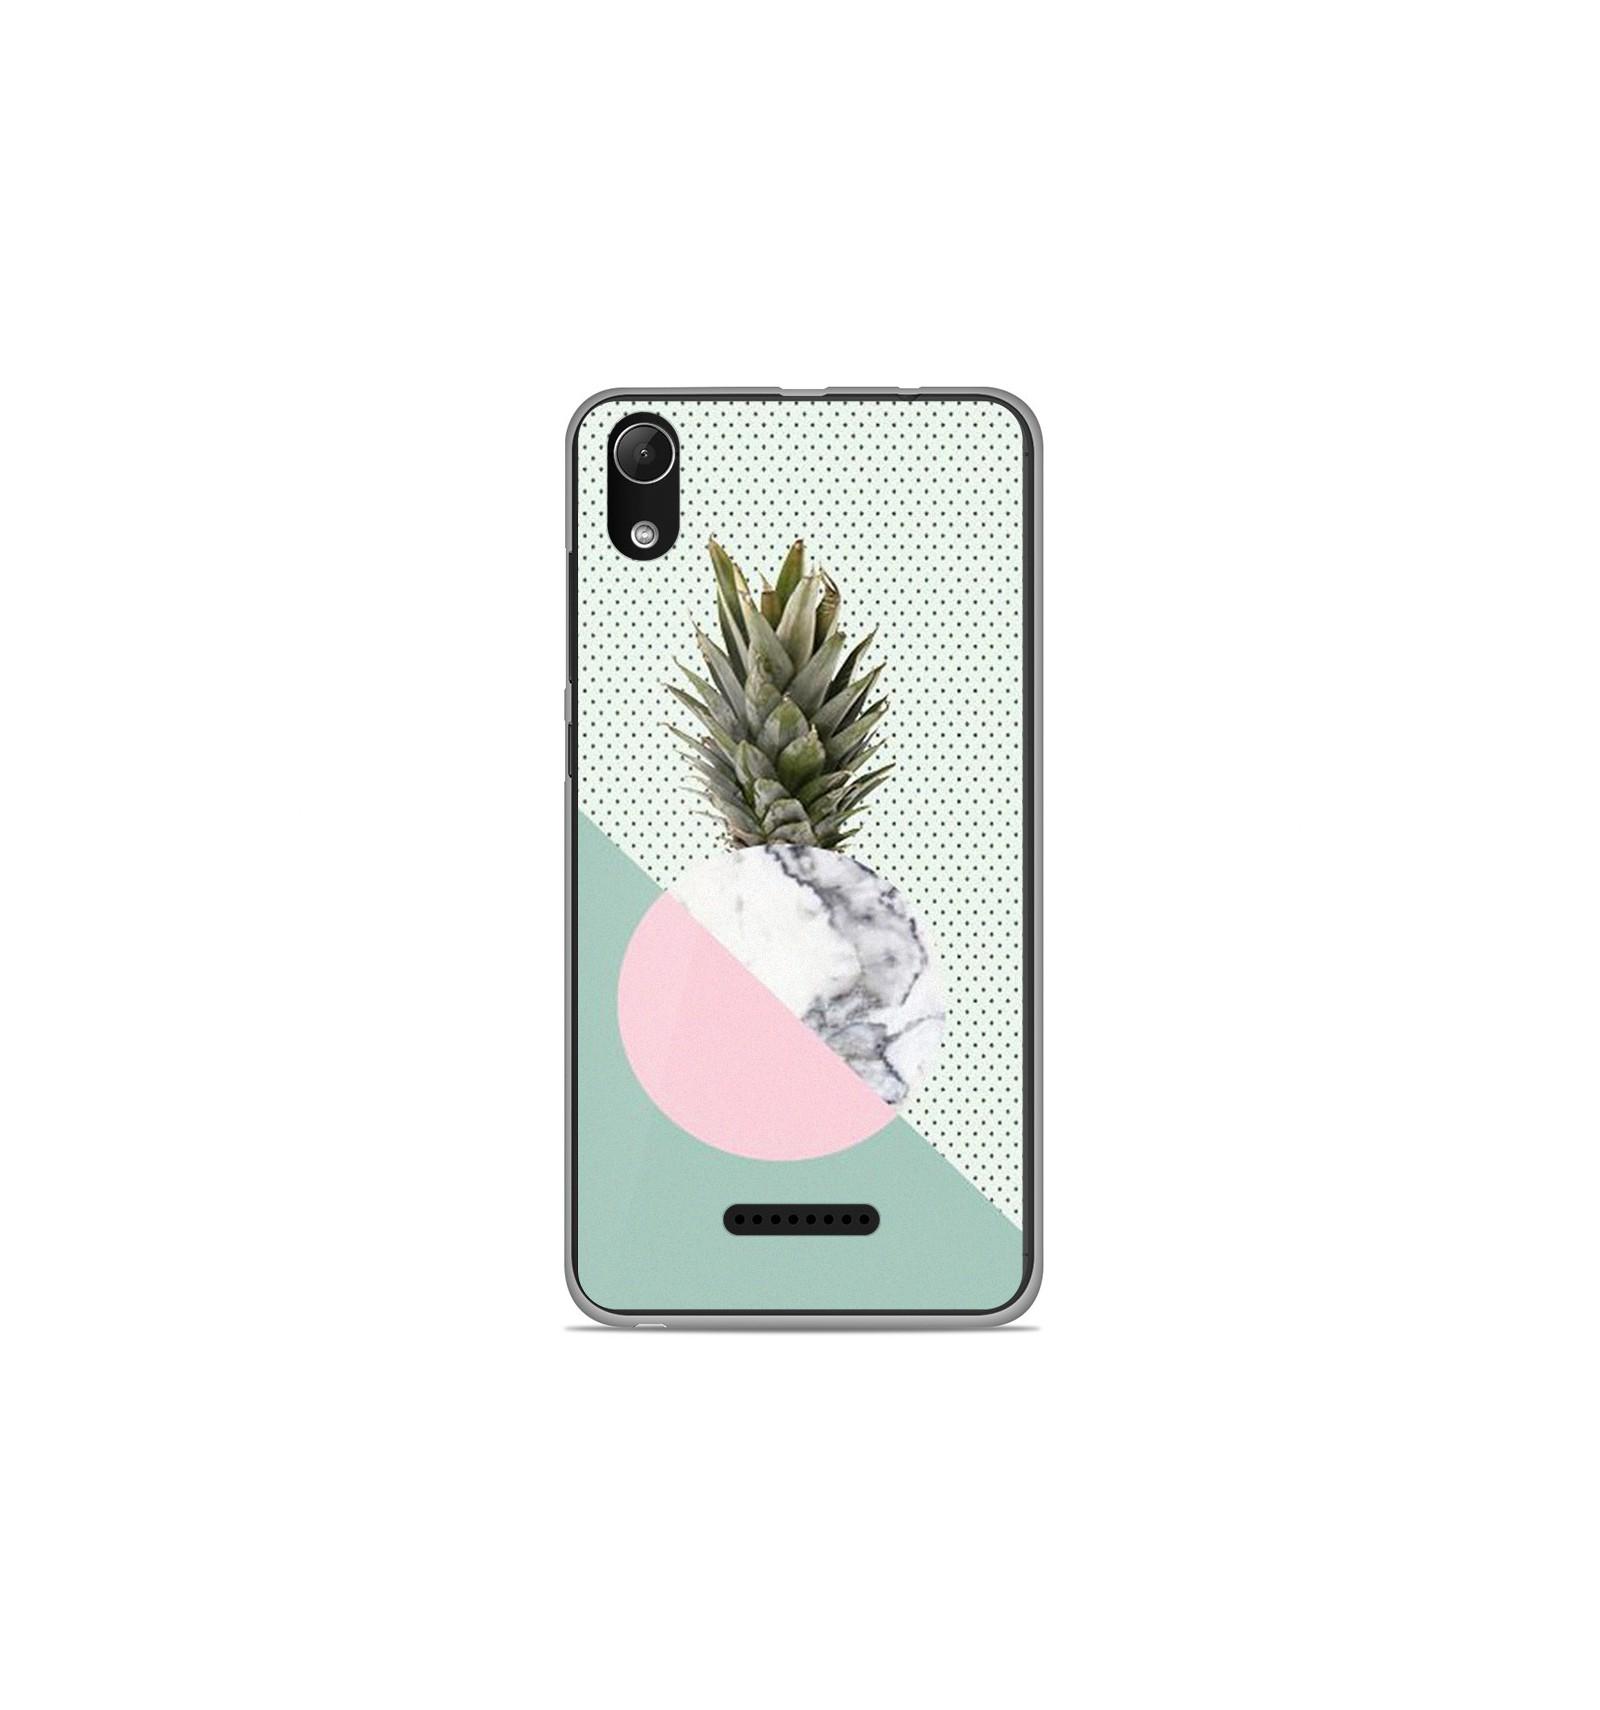 Coque en silicone Wiko Lenny 4 Plus - Ananas marbre